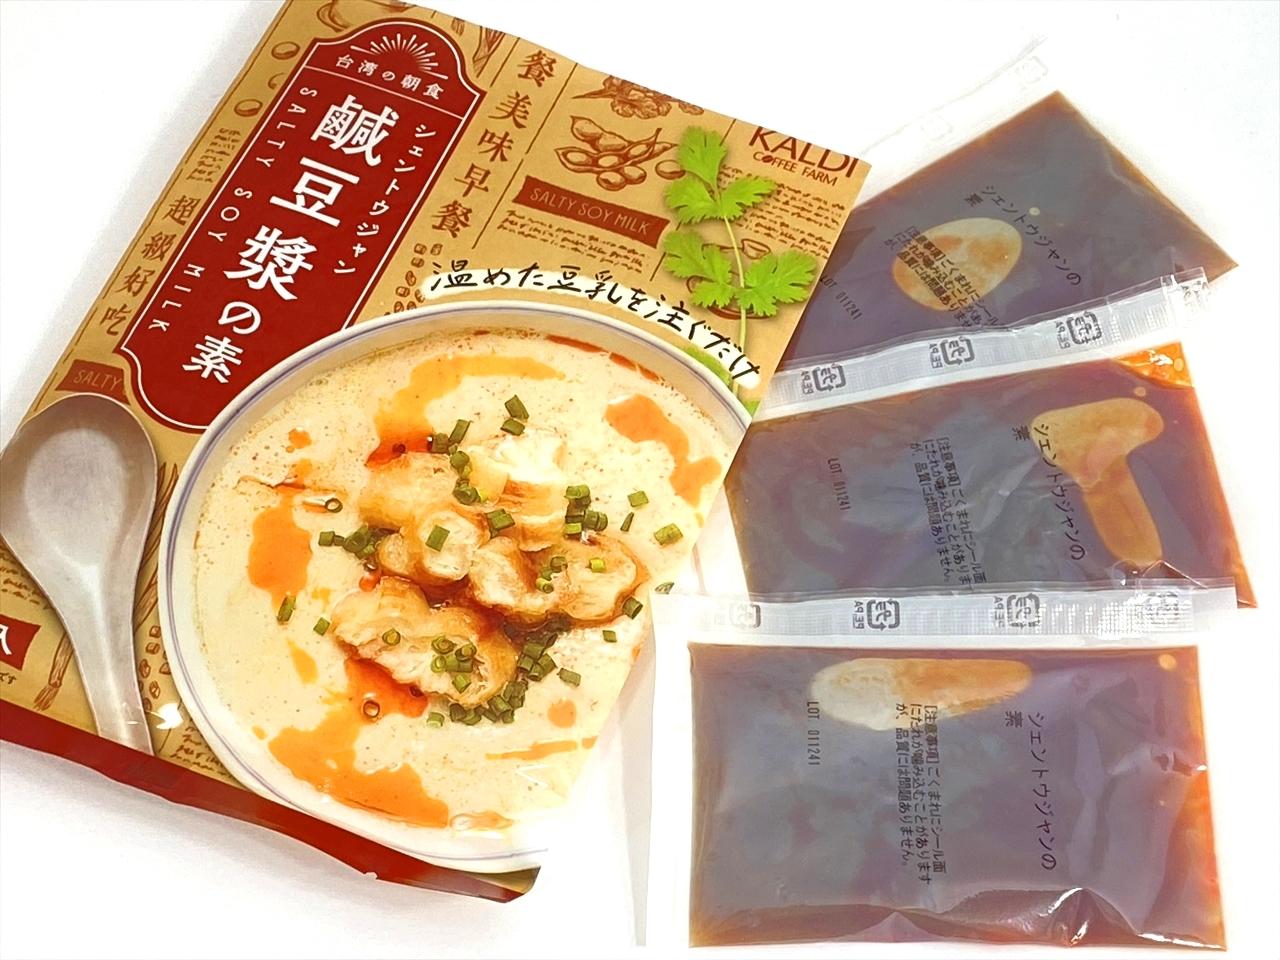 シェントウジャン(鹹豆漿)の素 90g 198円 3食分